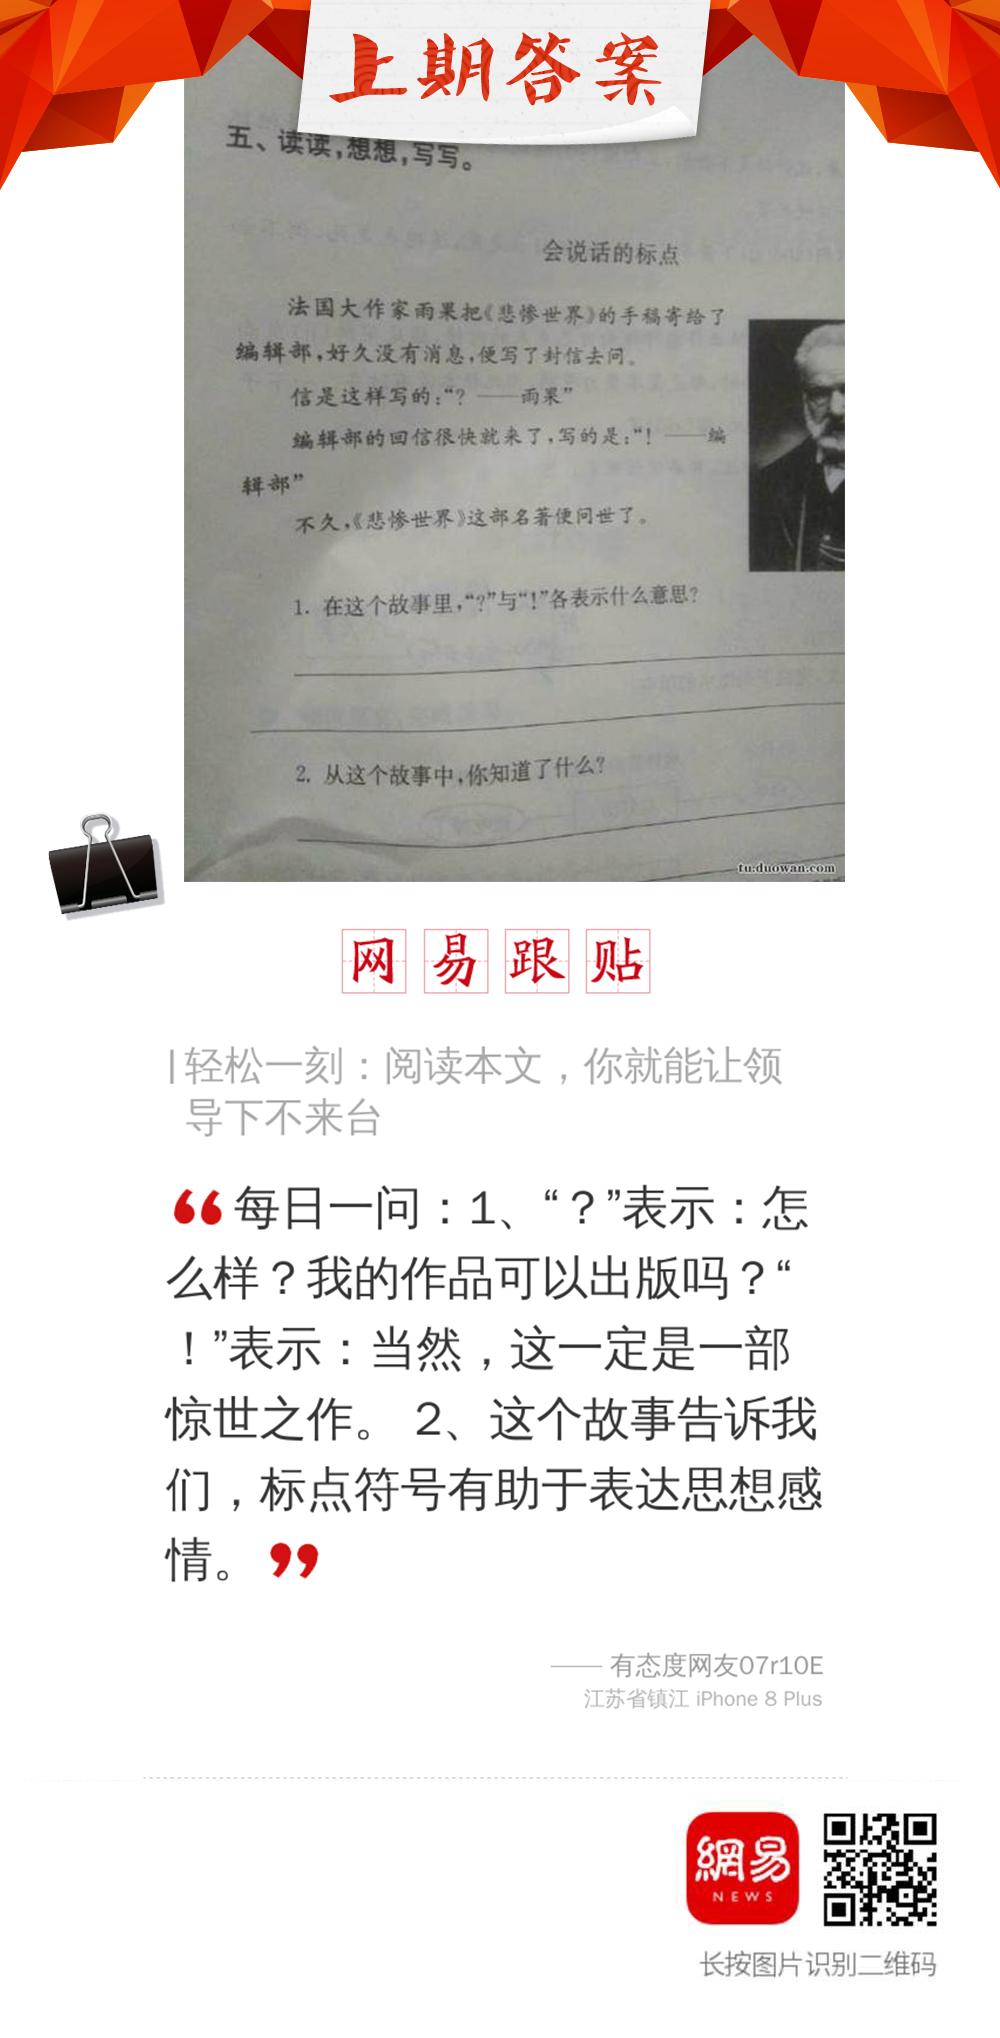 轻松一刻2月12日:春节期间,没法工作是最痛苦的